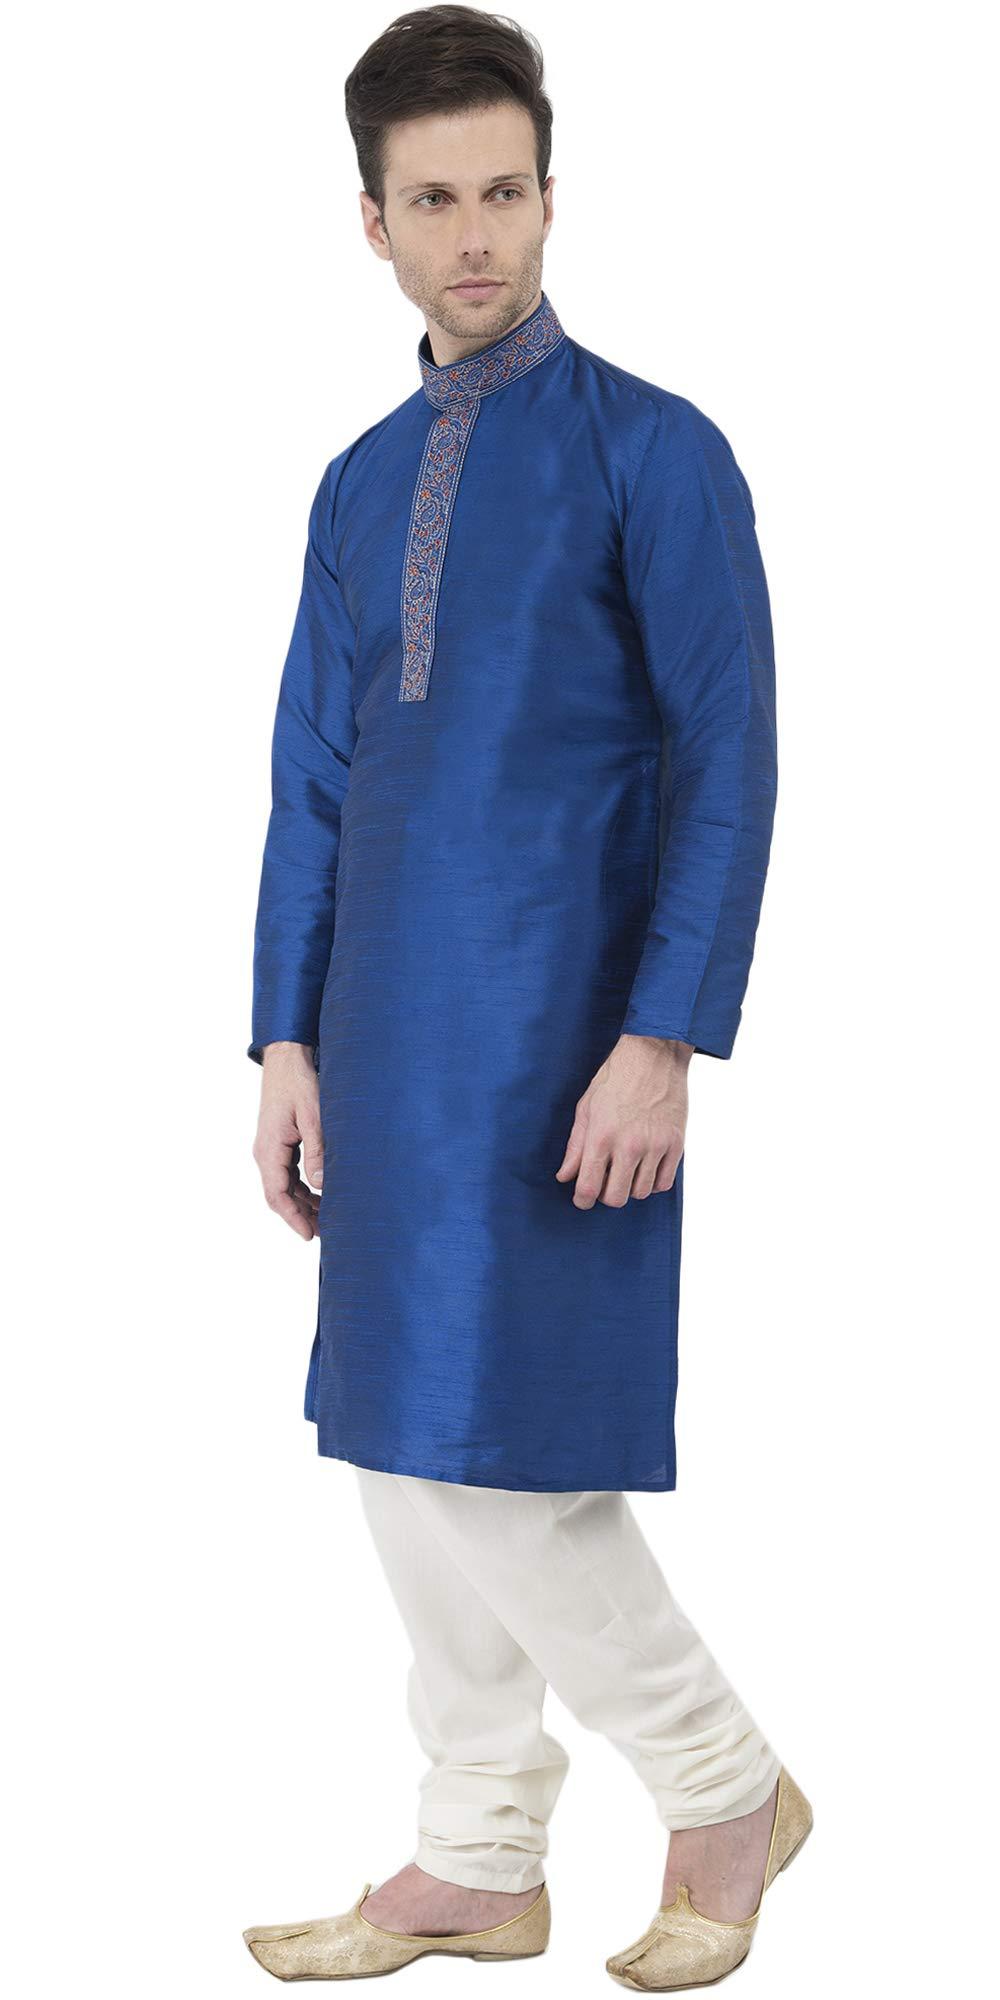 Indian Long Sleeve Kurta Pajama Dress Men Salwar Kameez Party and Wedding Wear -XL by SKAVIJ (Image #4)